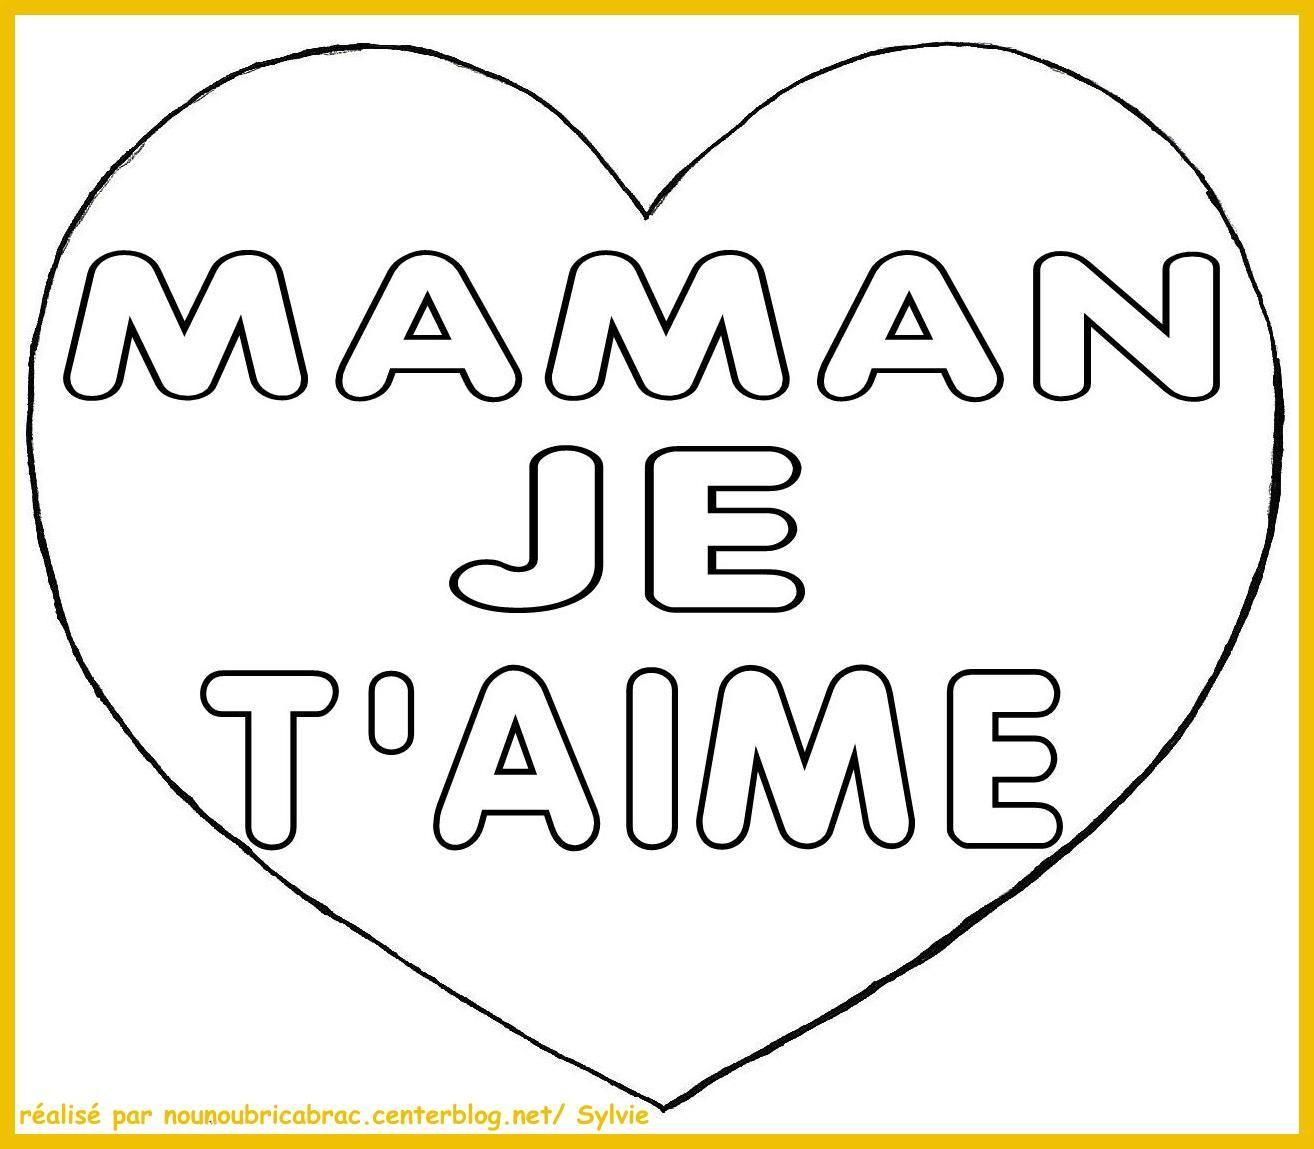 Coloriage De Coeur À Imprimer Gratuitement - Ask Image serapportantà Dessin De Nounours Avec Un Coeur